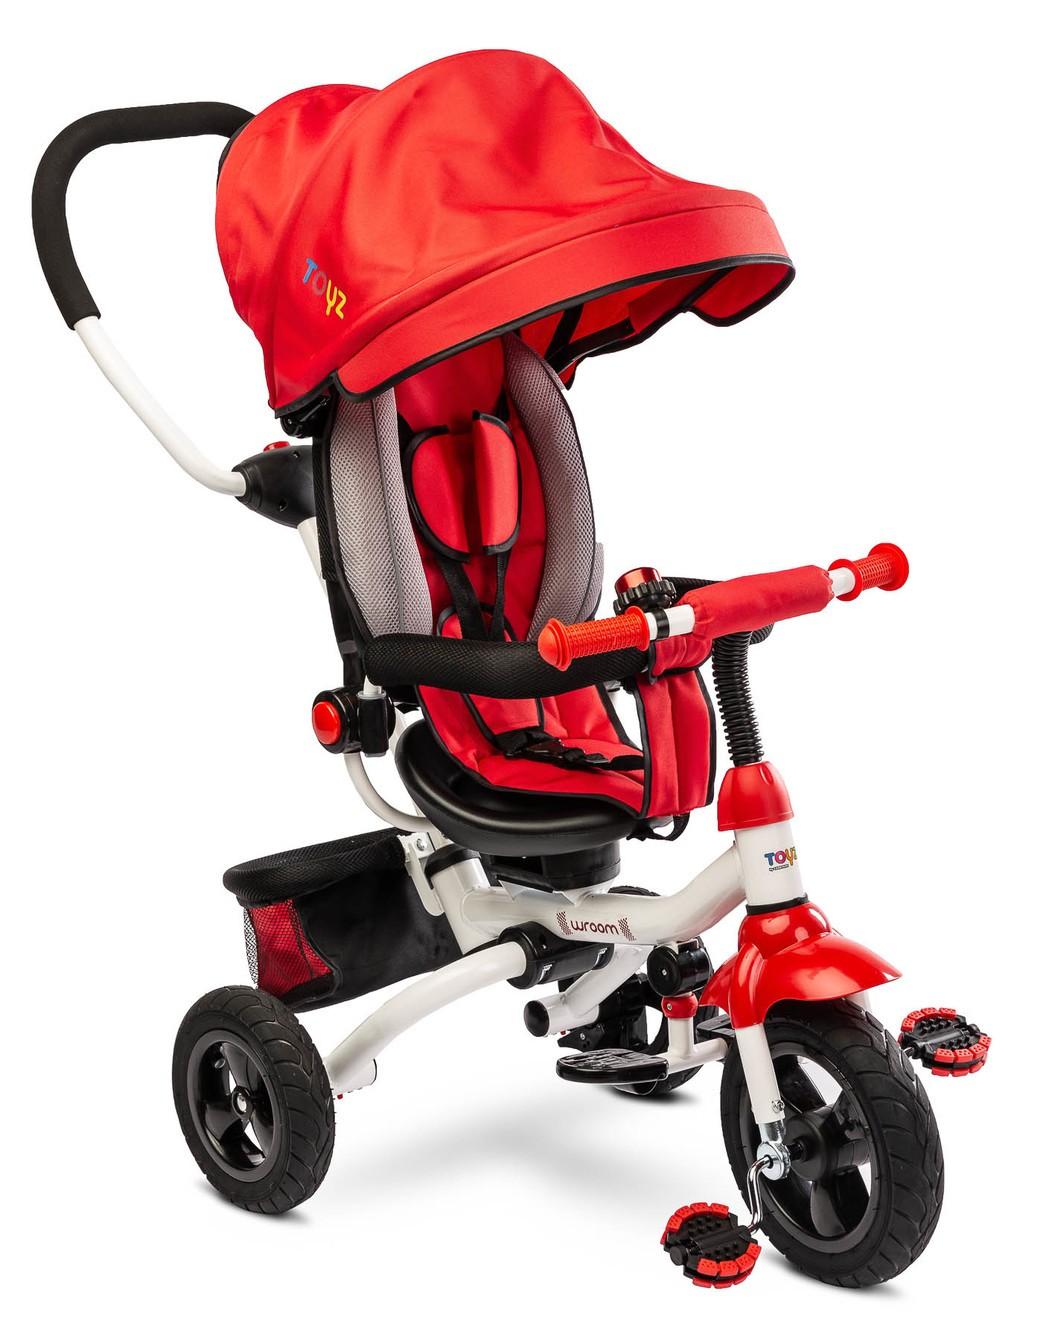 Dětská tříkolka Toyz WROOM red, (barva červená)